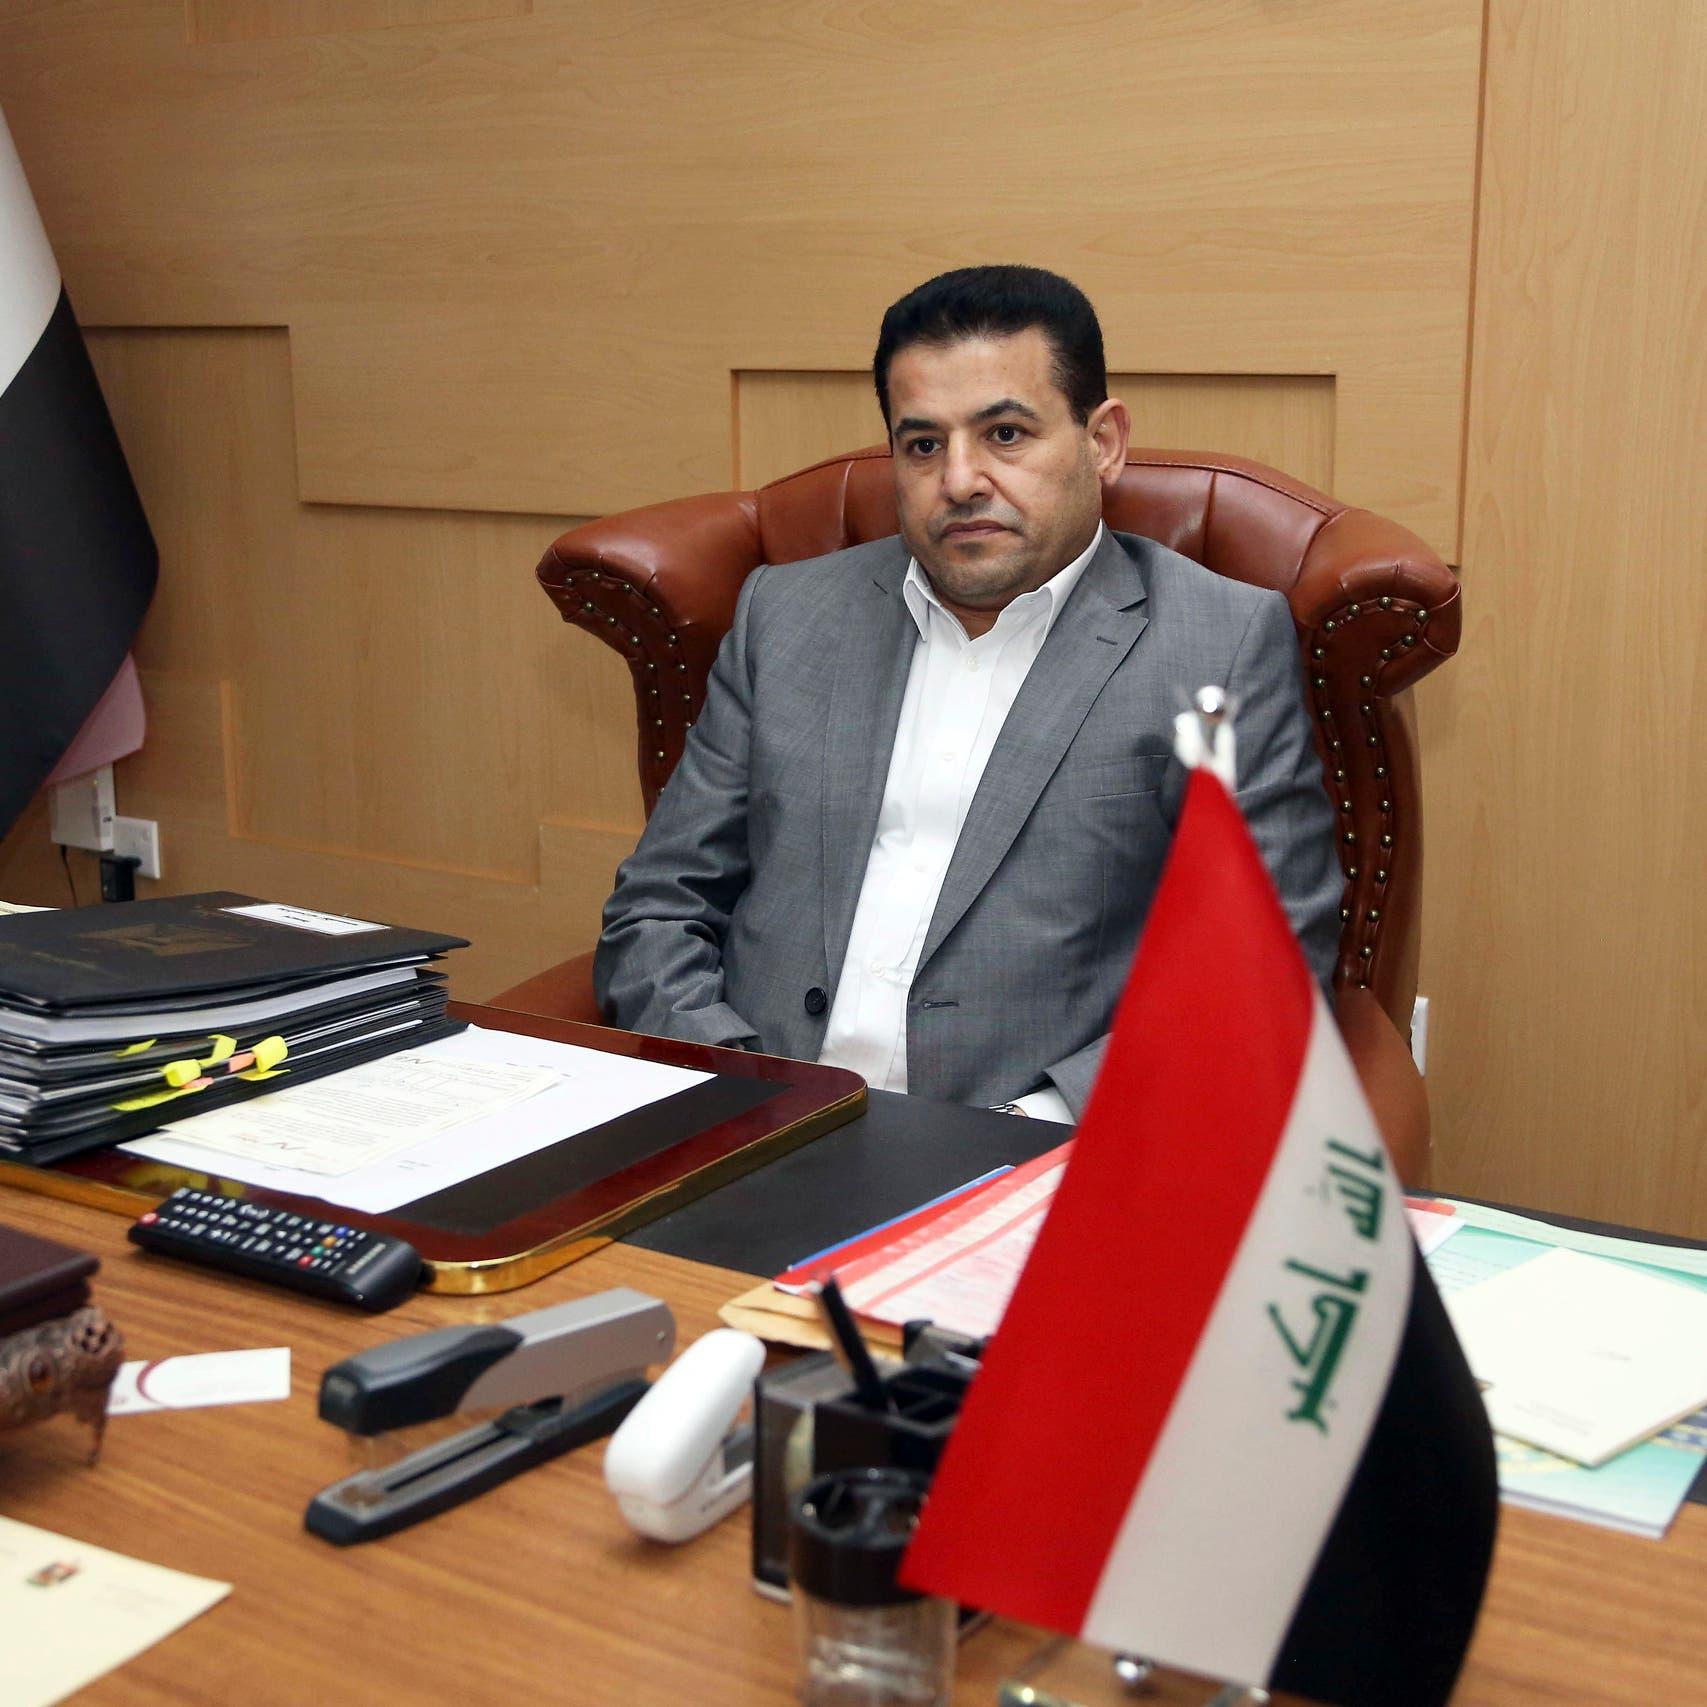 العراق.. تحقيق في